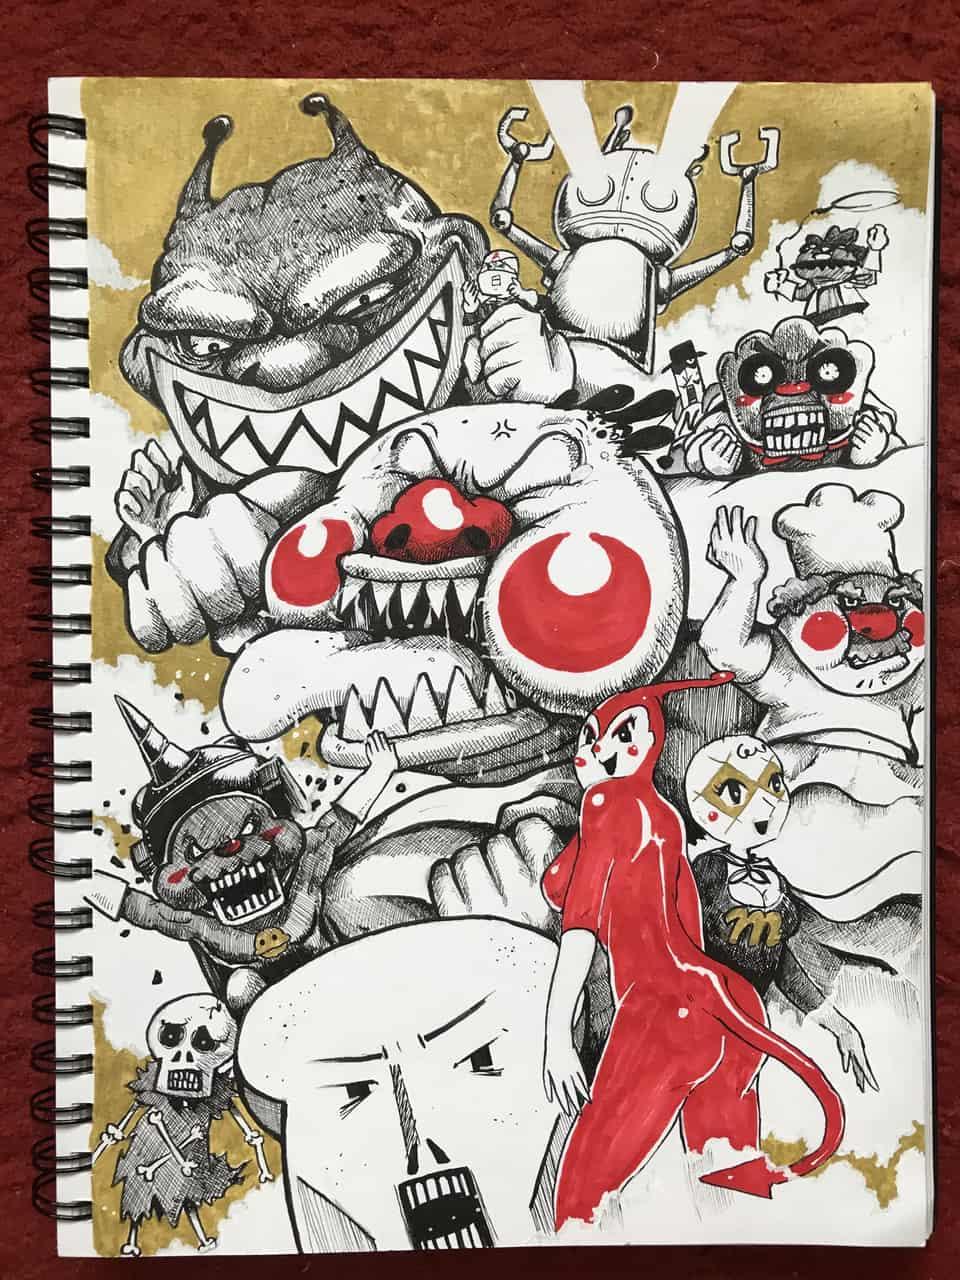 【お絵描き】あんぱんまんを描いてみた! Illust of chuanchieh illustration ペン画 original sketch drawing アンパンマン art